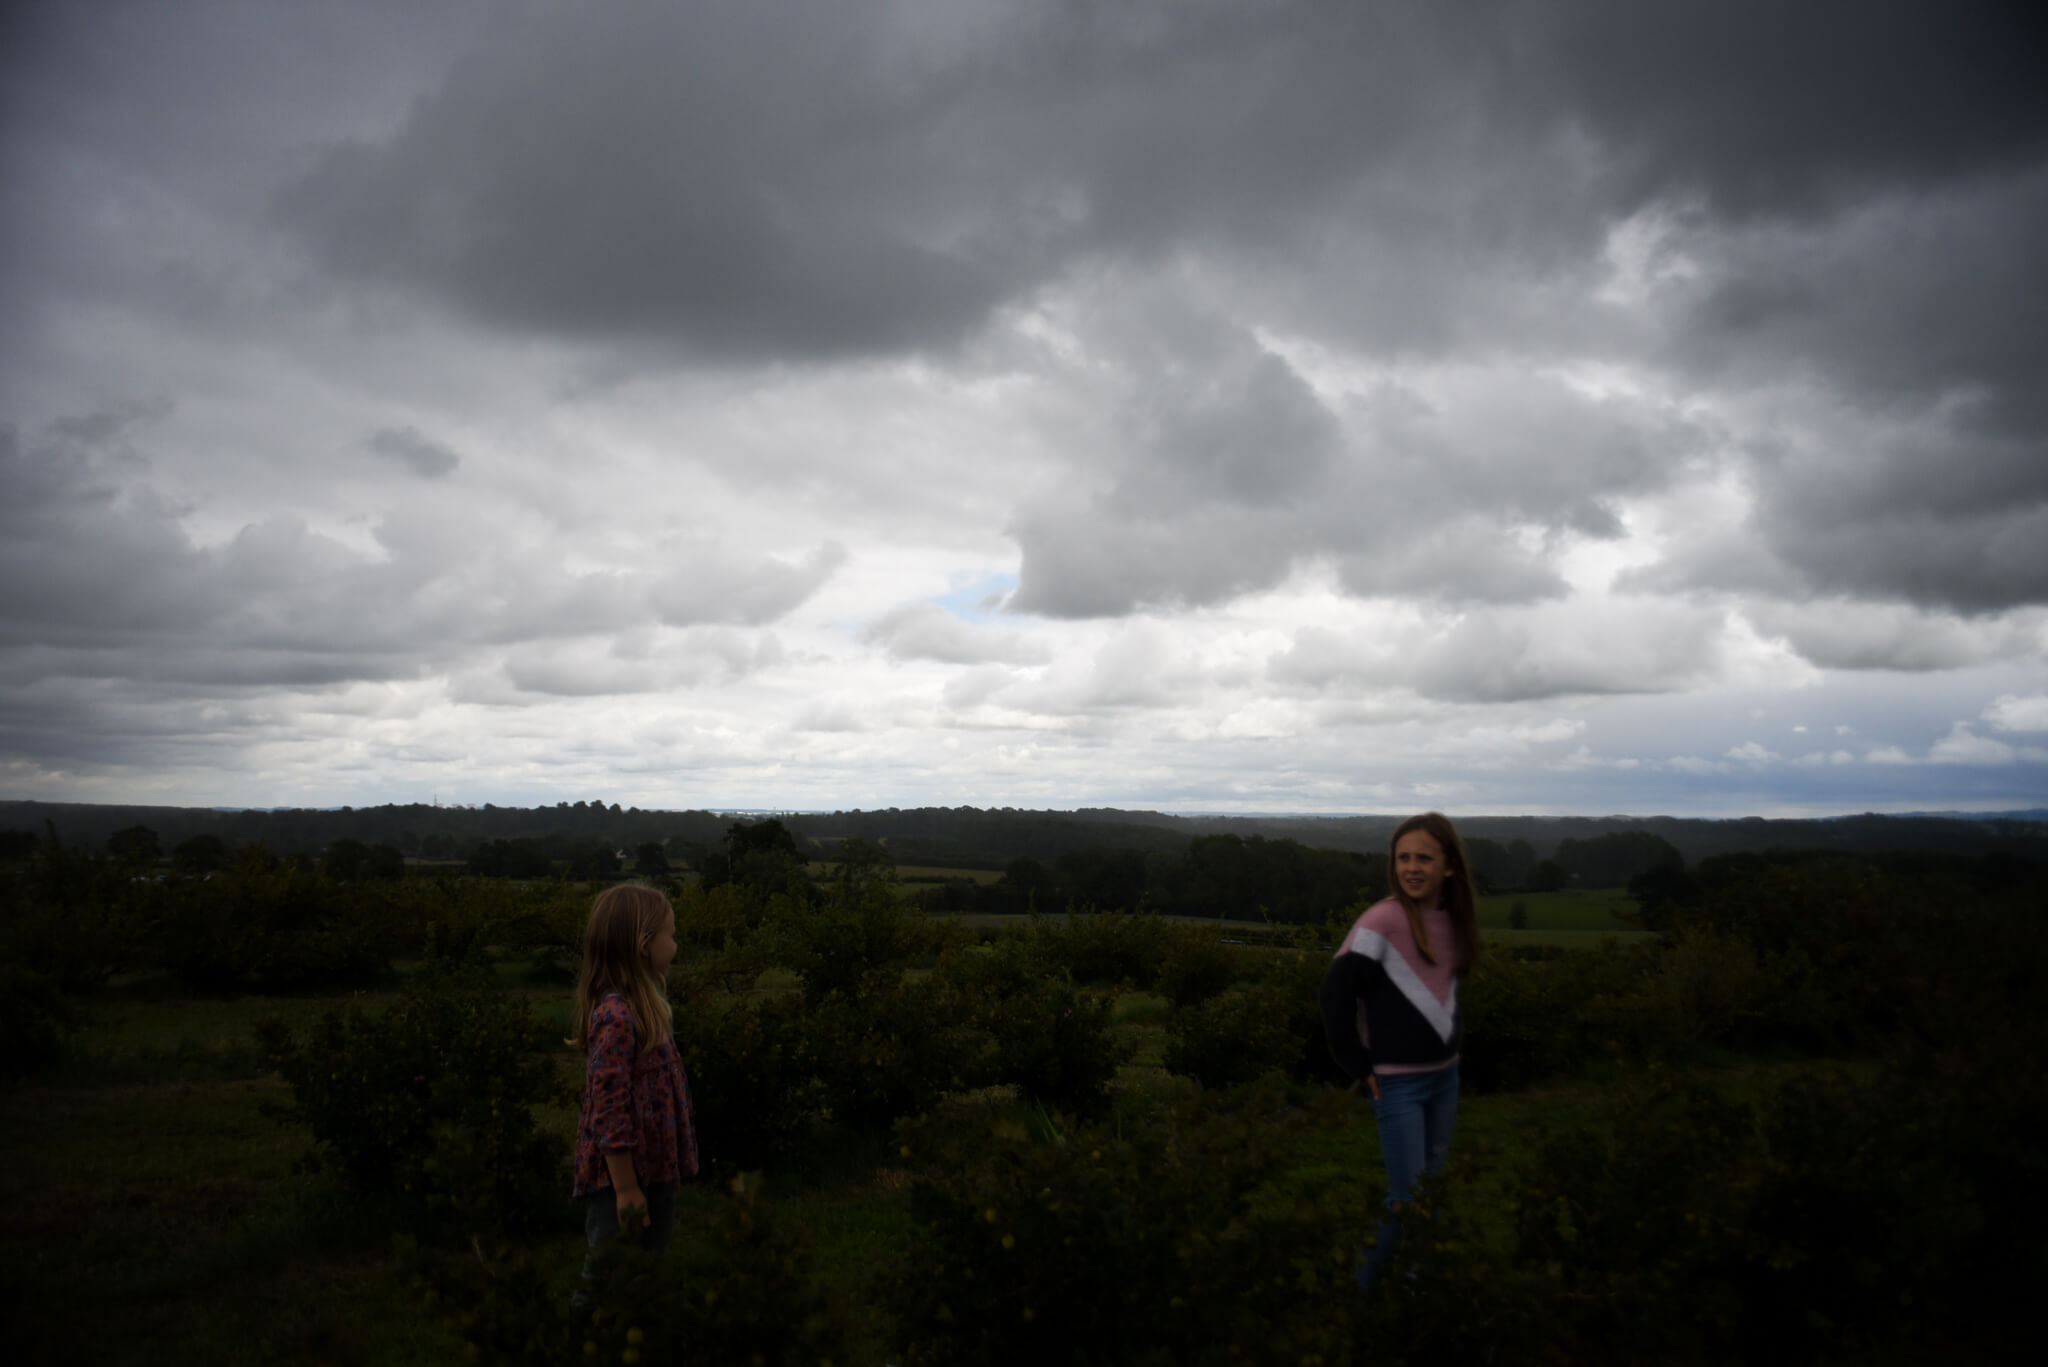 Moody cloud filled skies